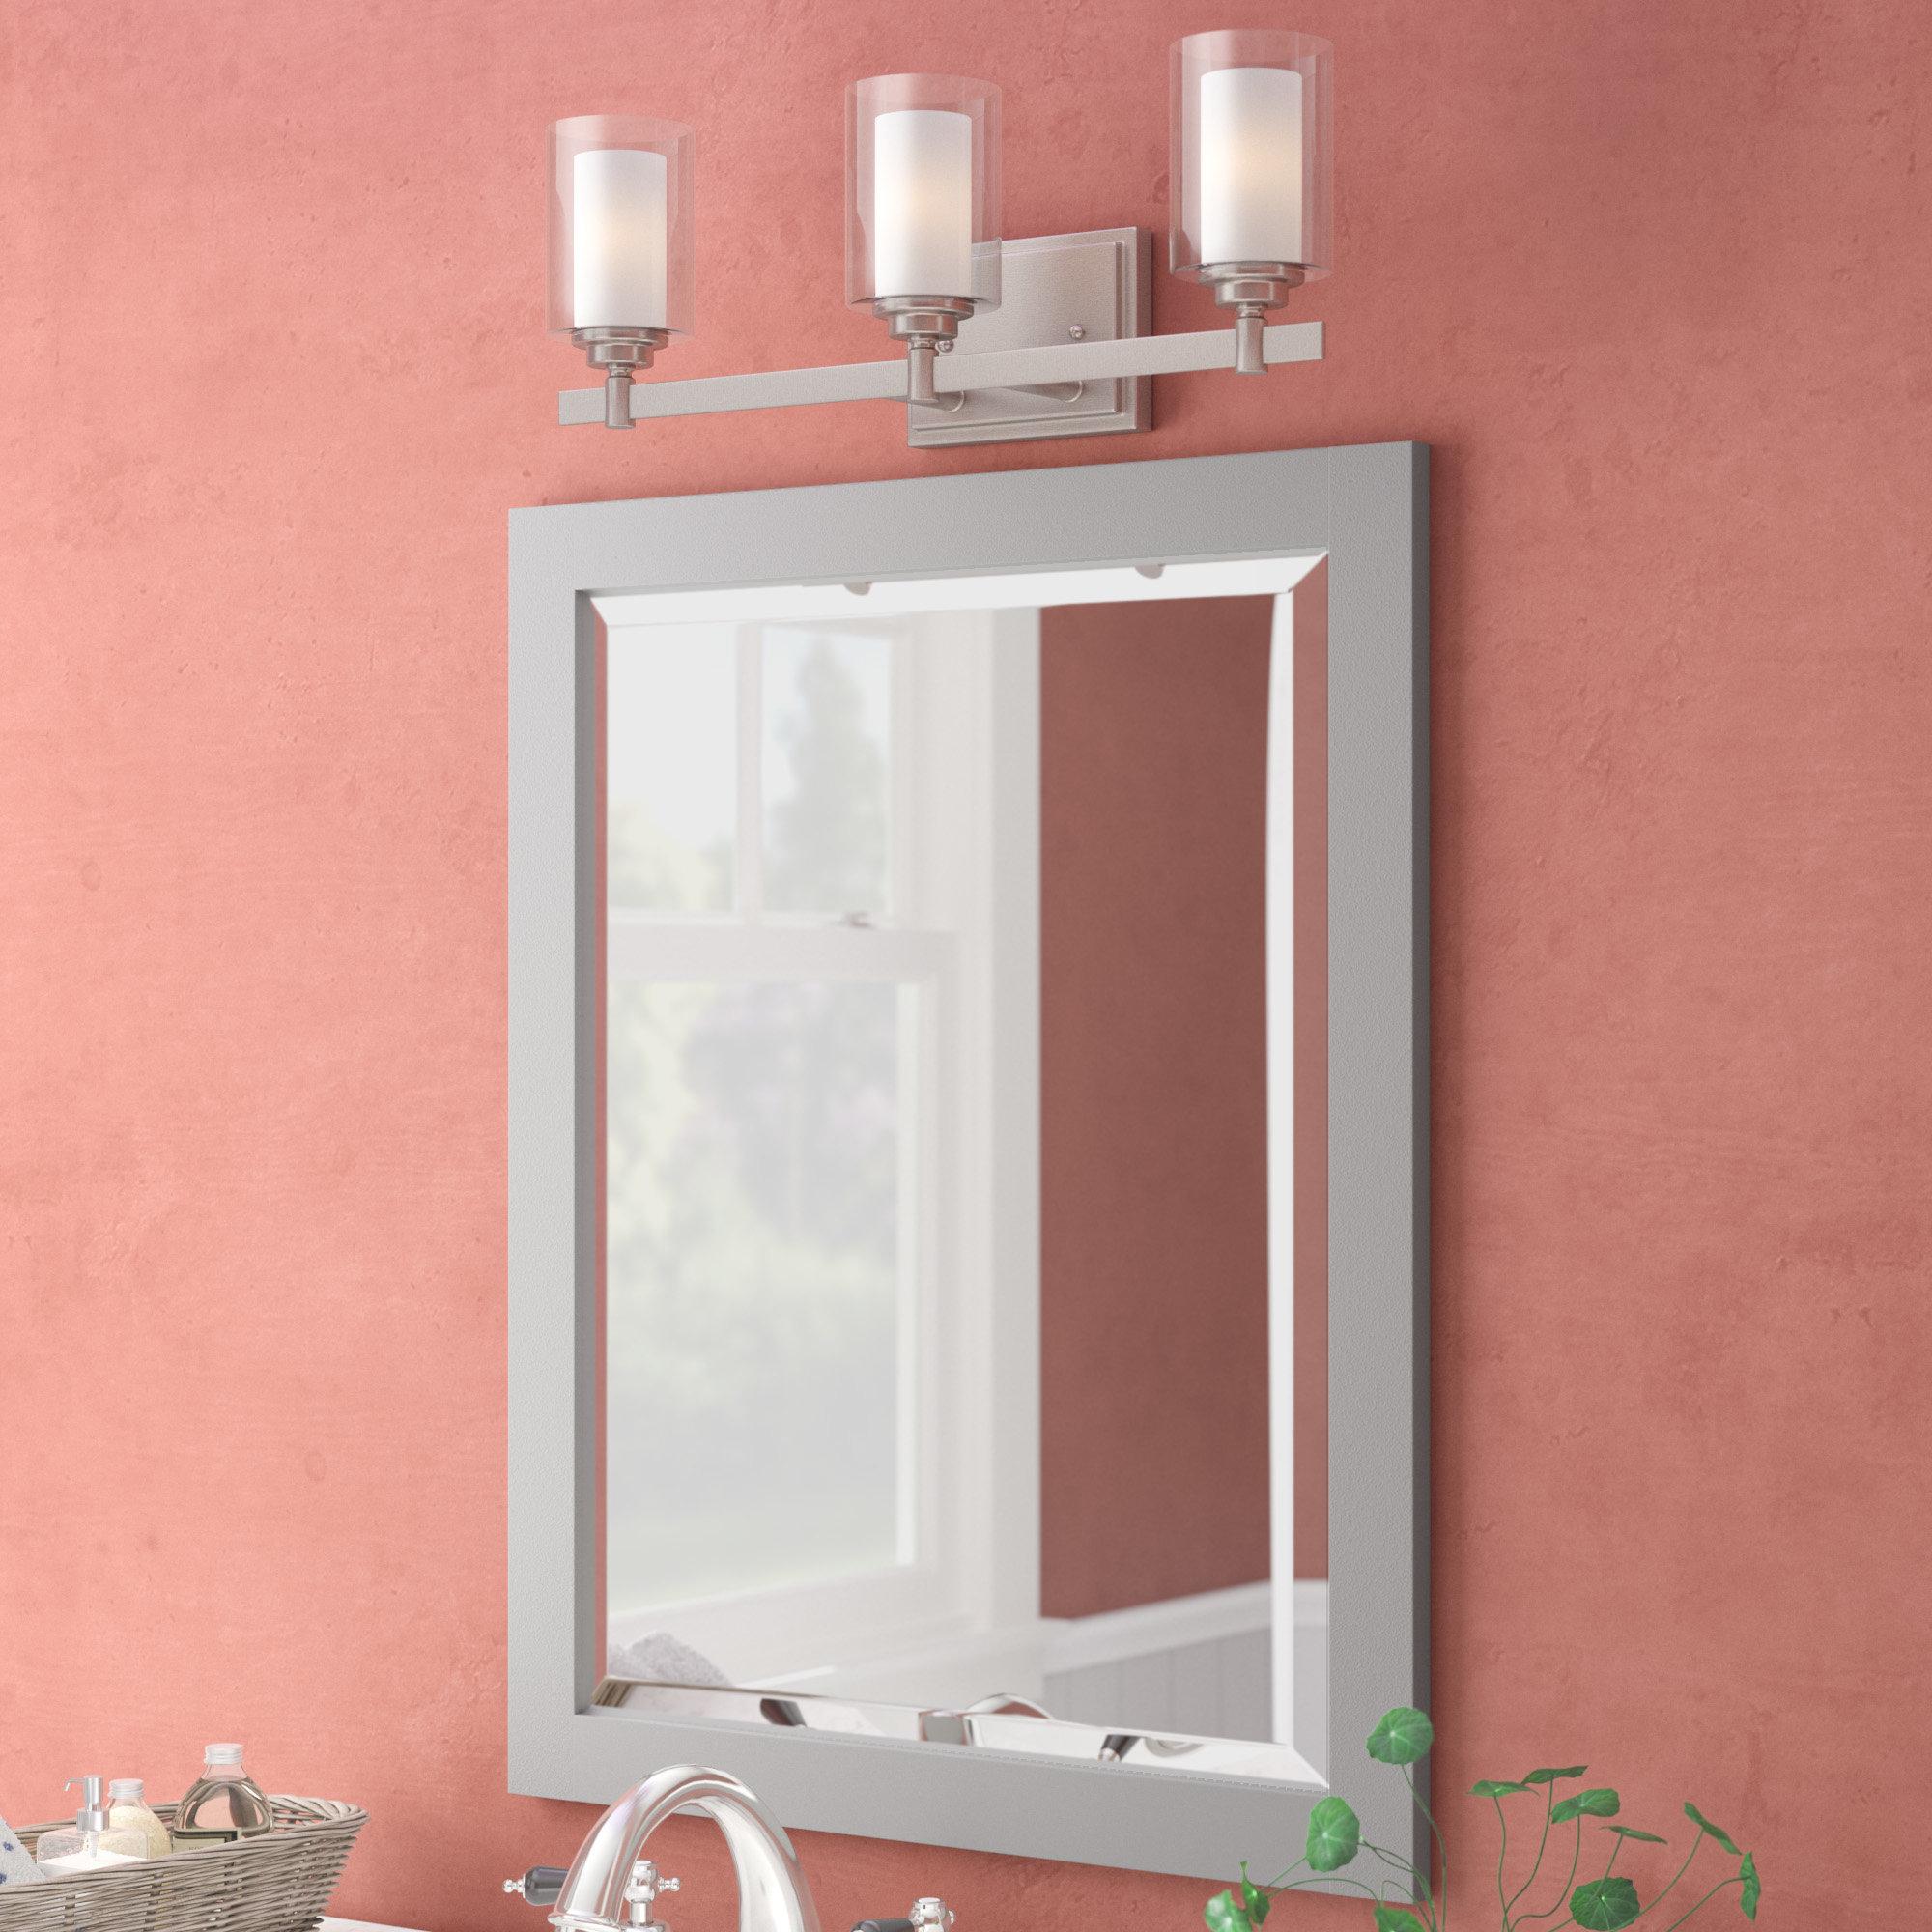 2020 Burgoyne Vanity Mirrors Inside Brixham Hanging Bathroom/vanity Mirror (View 8 of 20)